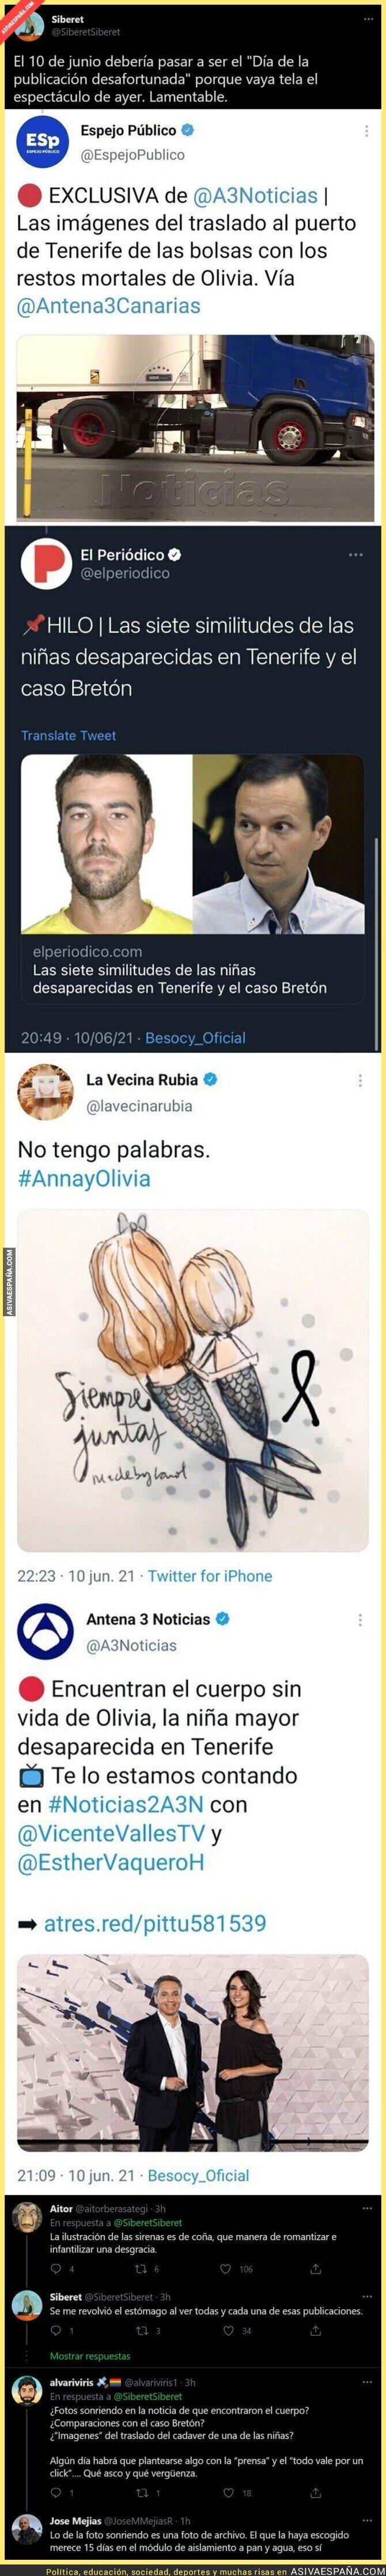 794425 - Basura absoluta: Así es como Antena 3 y otros han informado sobre la aparición de Olivia en Tenerife